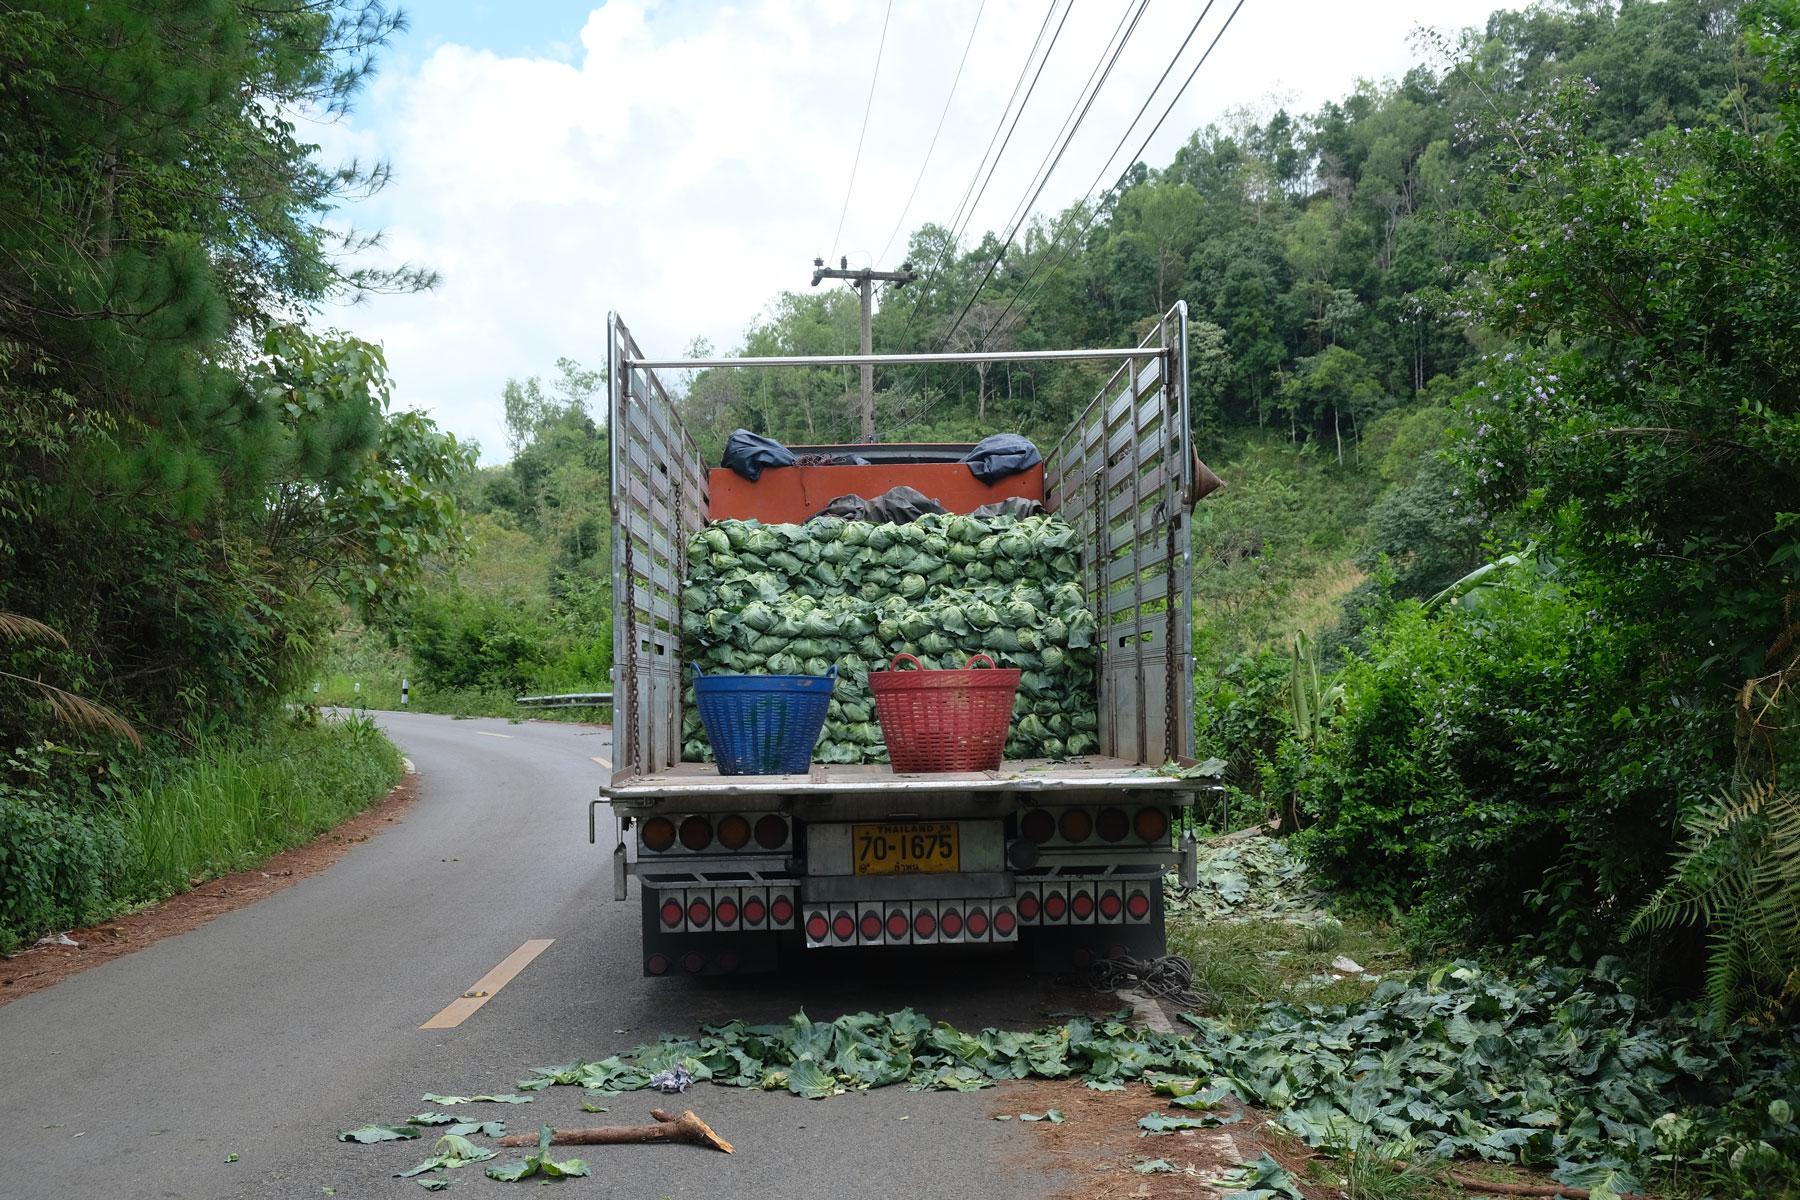 Ein zur Hälfte mit Kohl beladener Lastwagen im Nordosten Thailands.